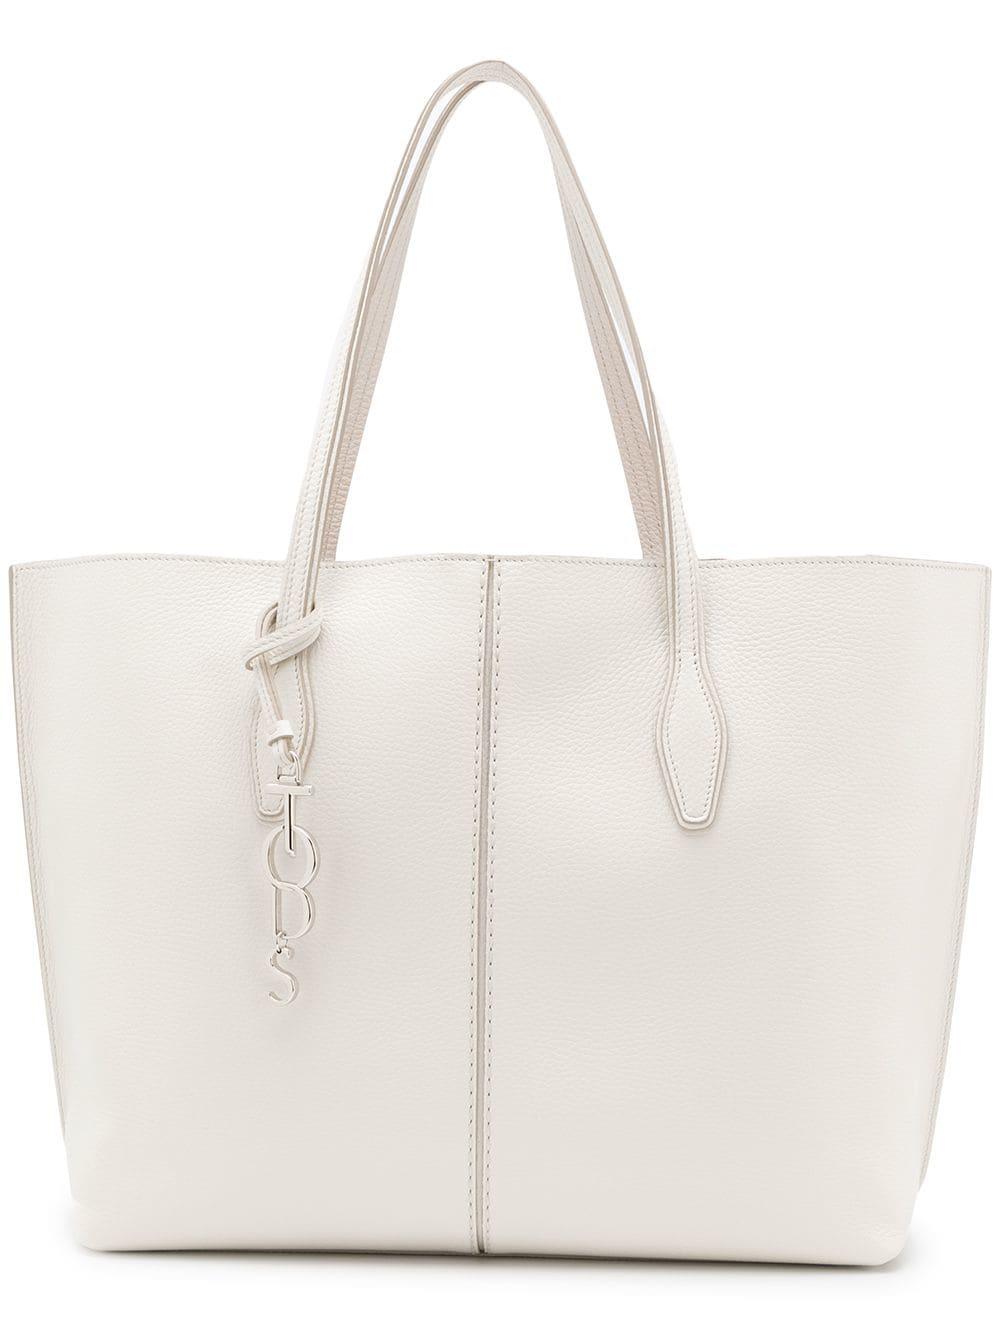 59f7adf40d860 Tod s GroßE  Joy  Handtasche - Weiß In White